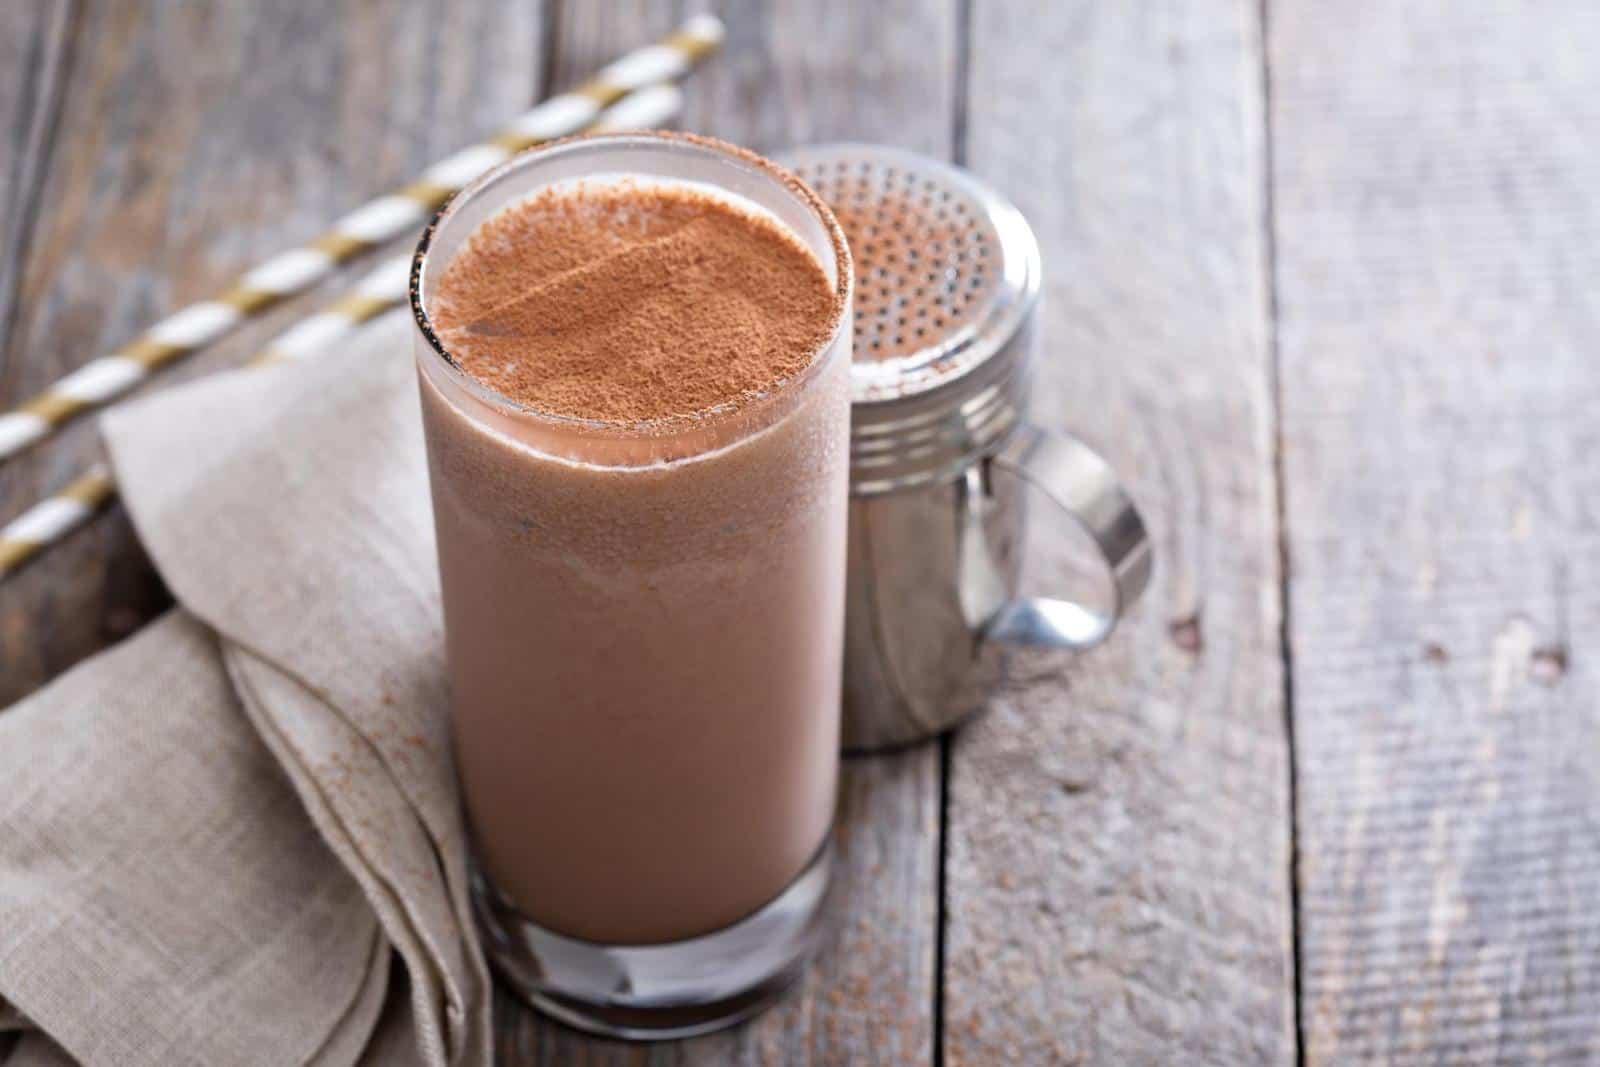 Elemental diet: Chocolate smoothie